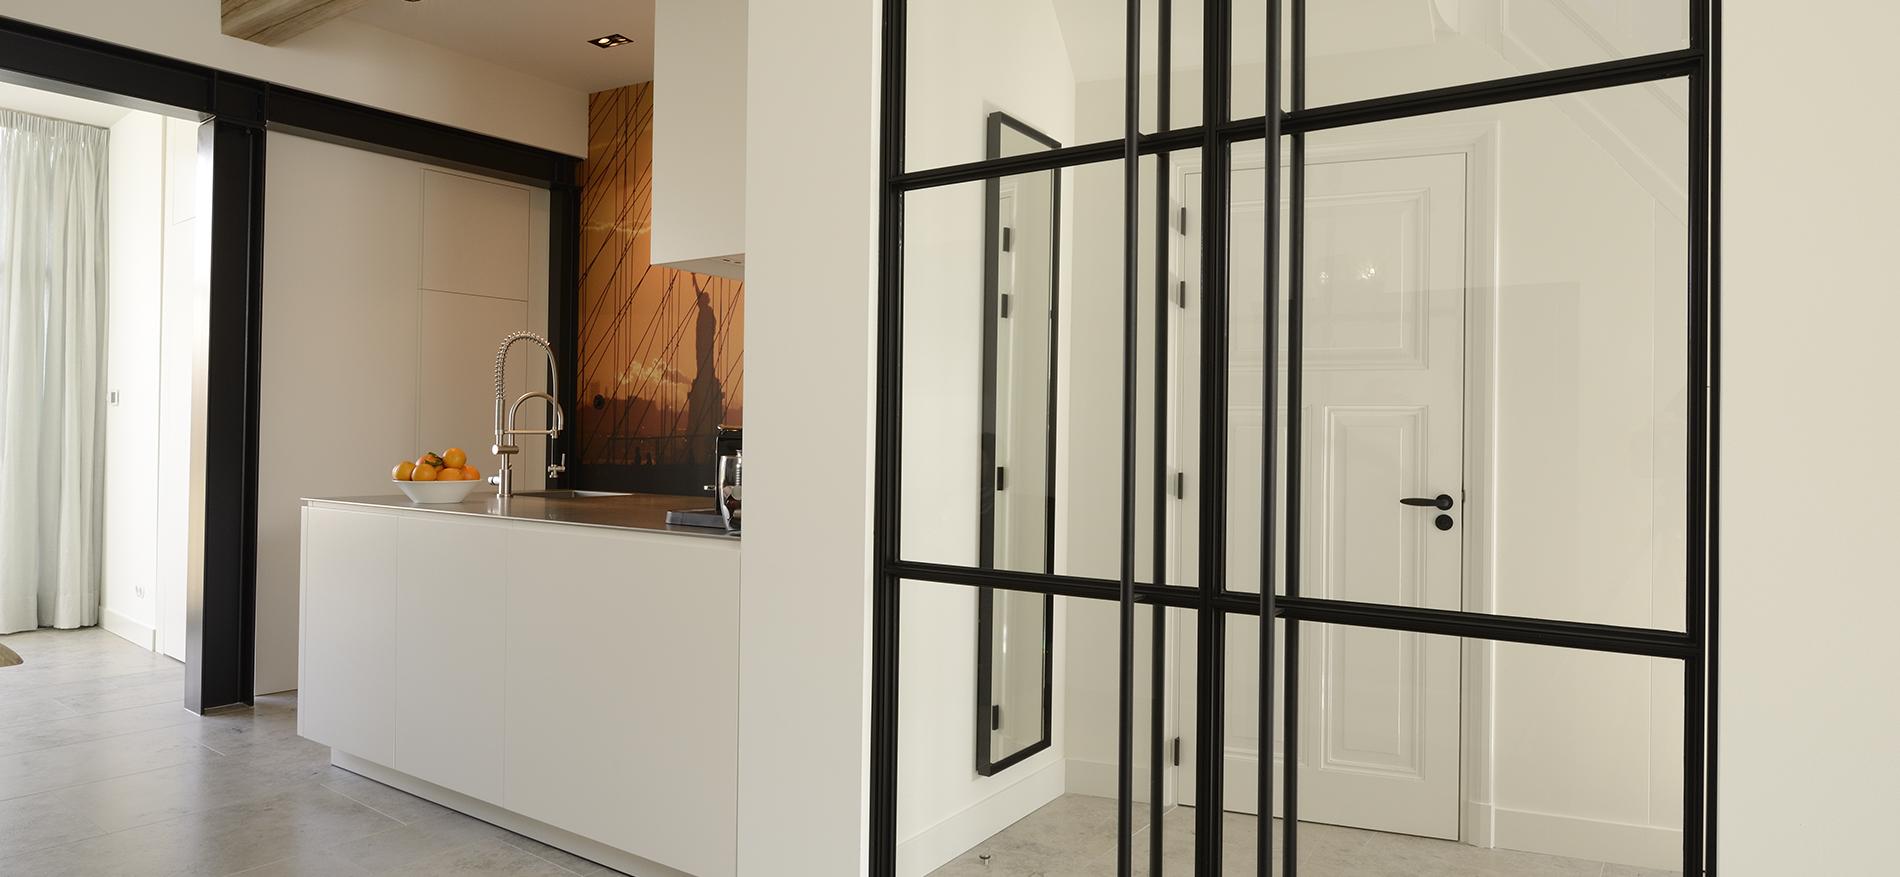 Top interieur op maat voor herenhuis in goes wsb for Herenhuis interieur